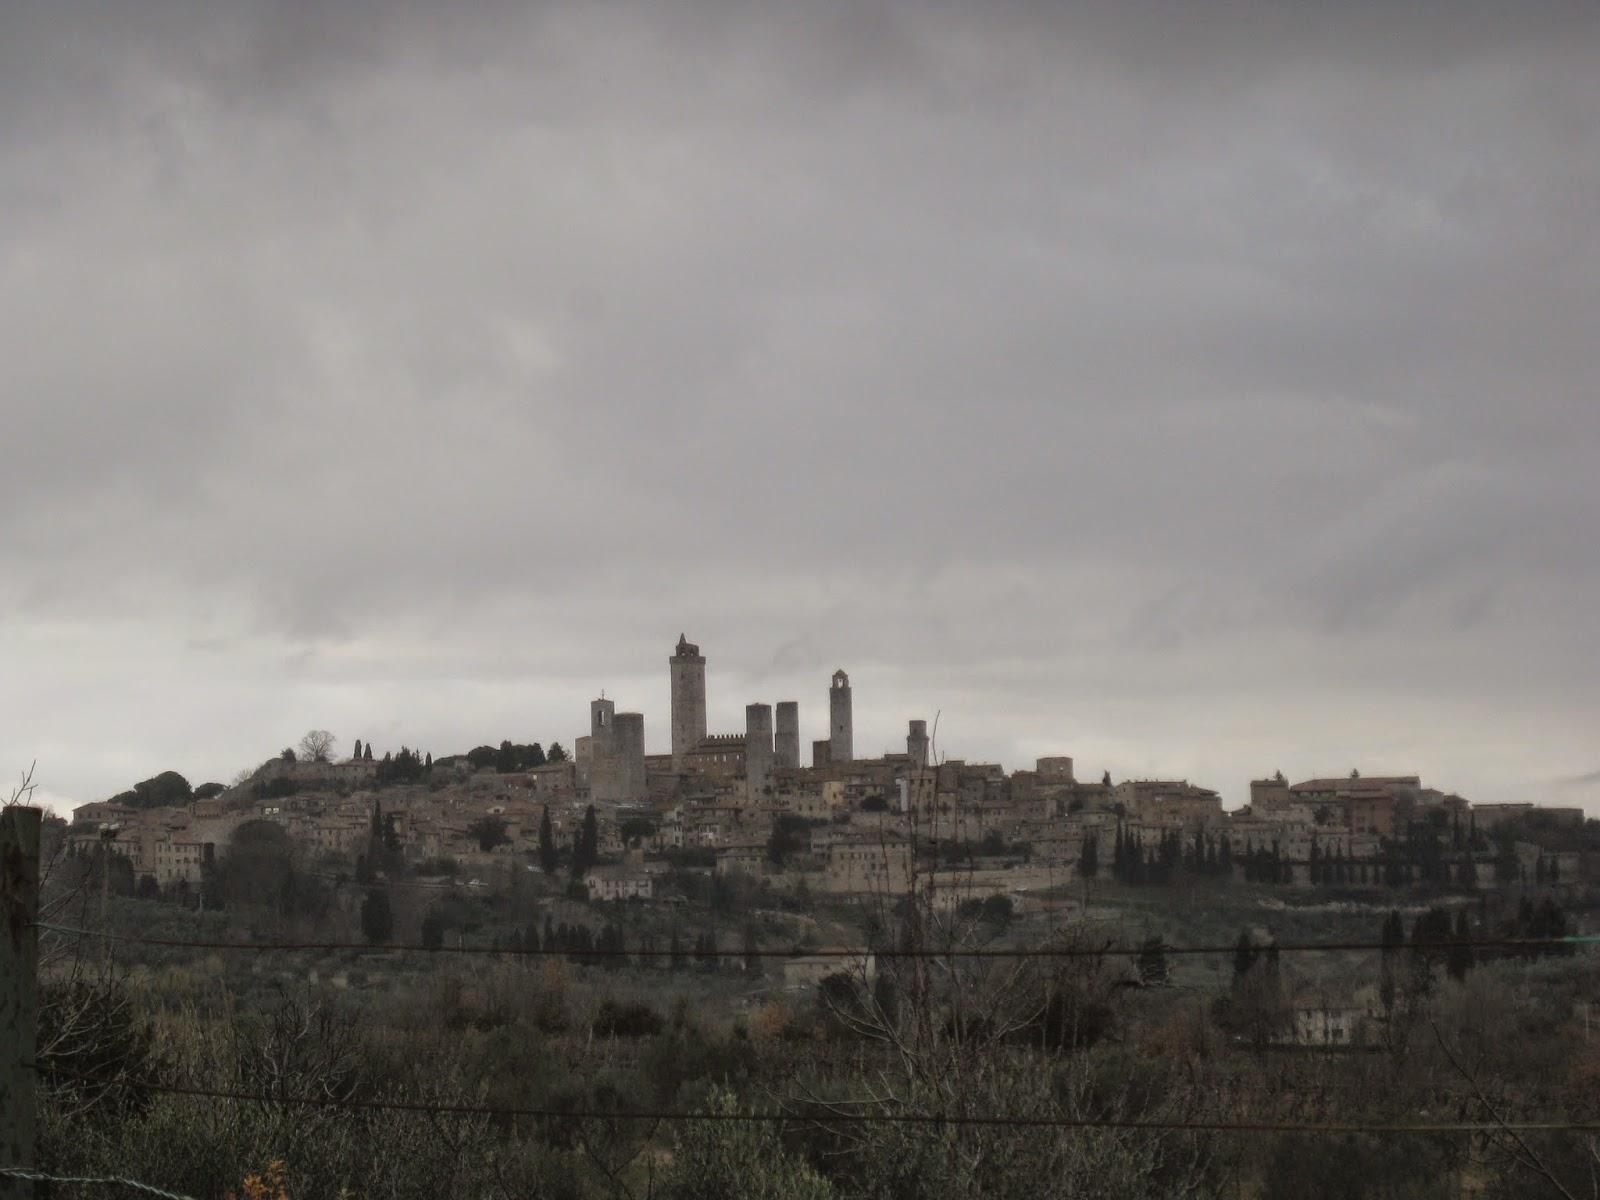 Vista general de San Gimignano y sus torres